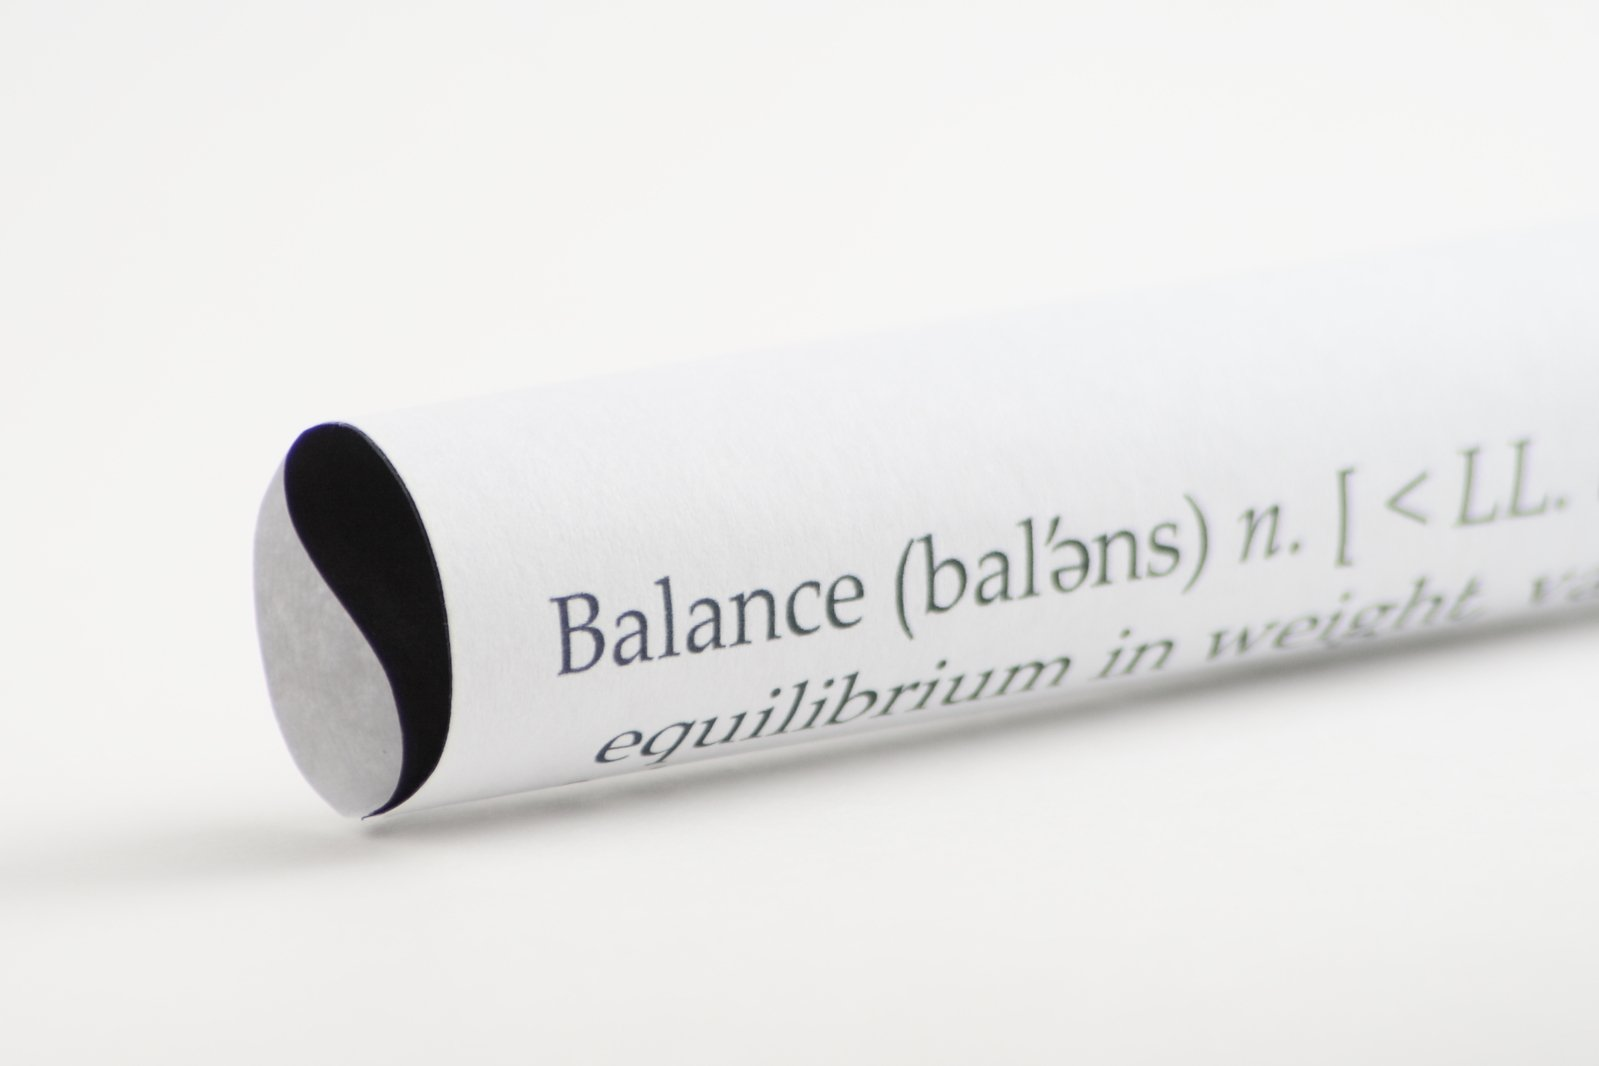 A balance